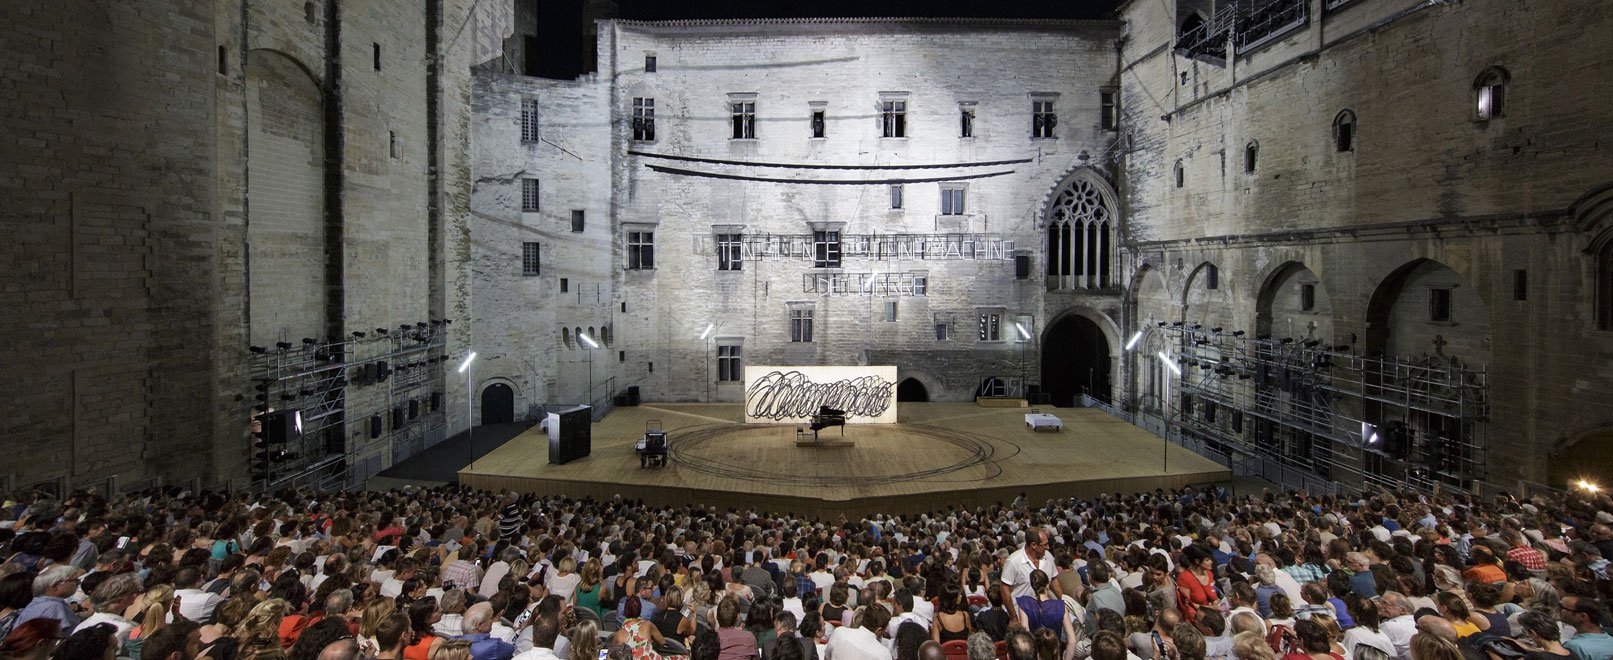 Festival von Avignon © Rayneud-de-Lage